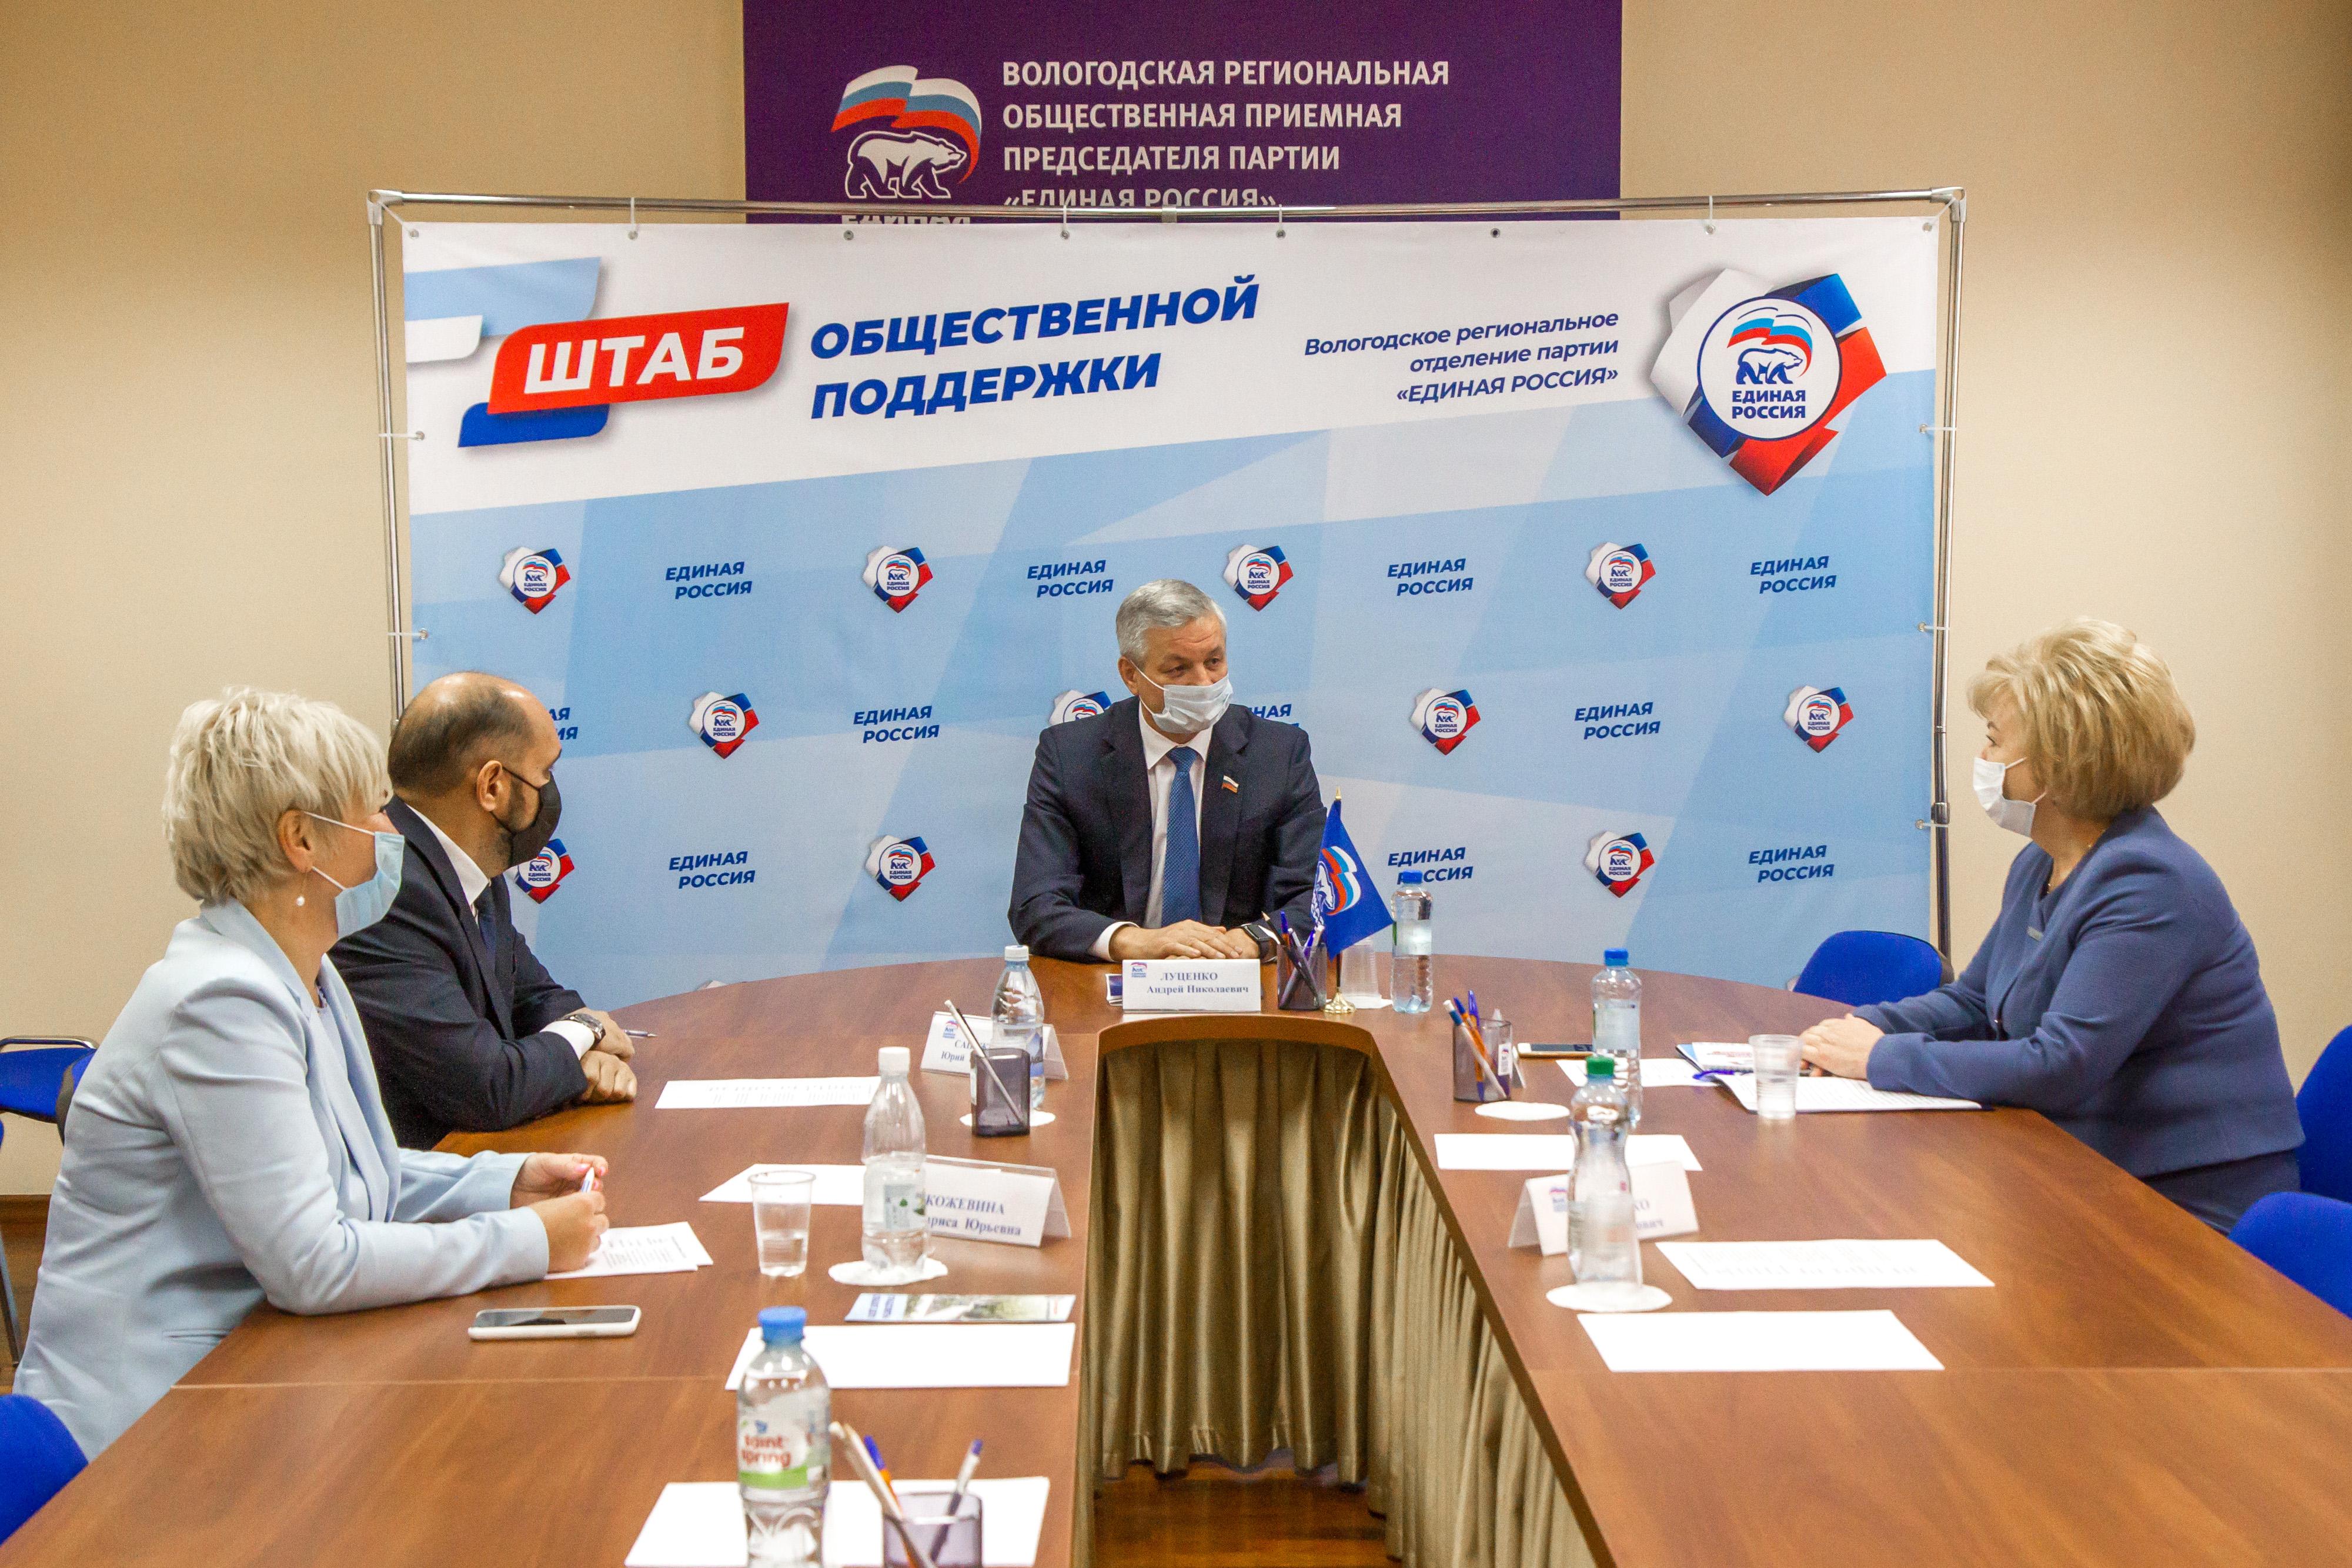 «Союз женщин России» иВологодскаямедицинскаяассоциация договорились о сотрудничестве с региональным Штабом общественной поддержки